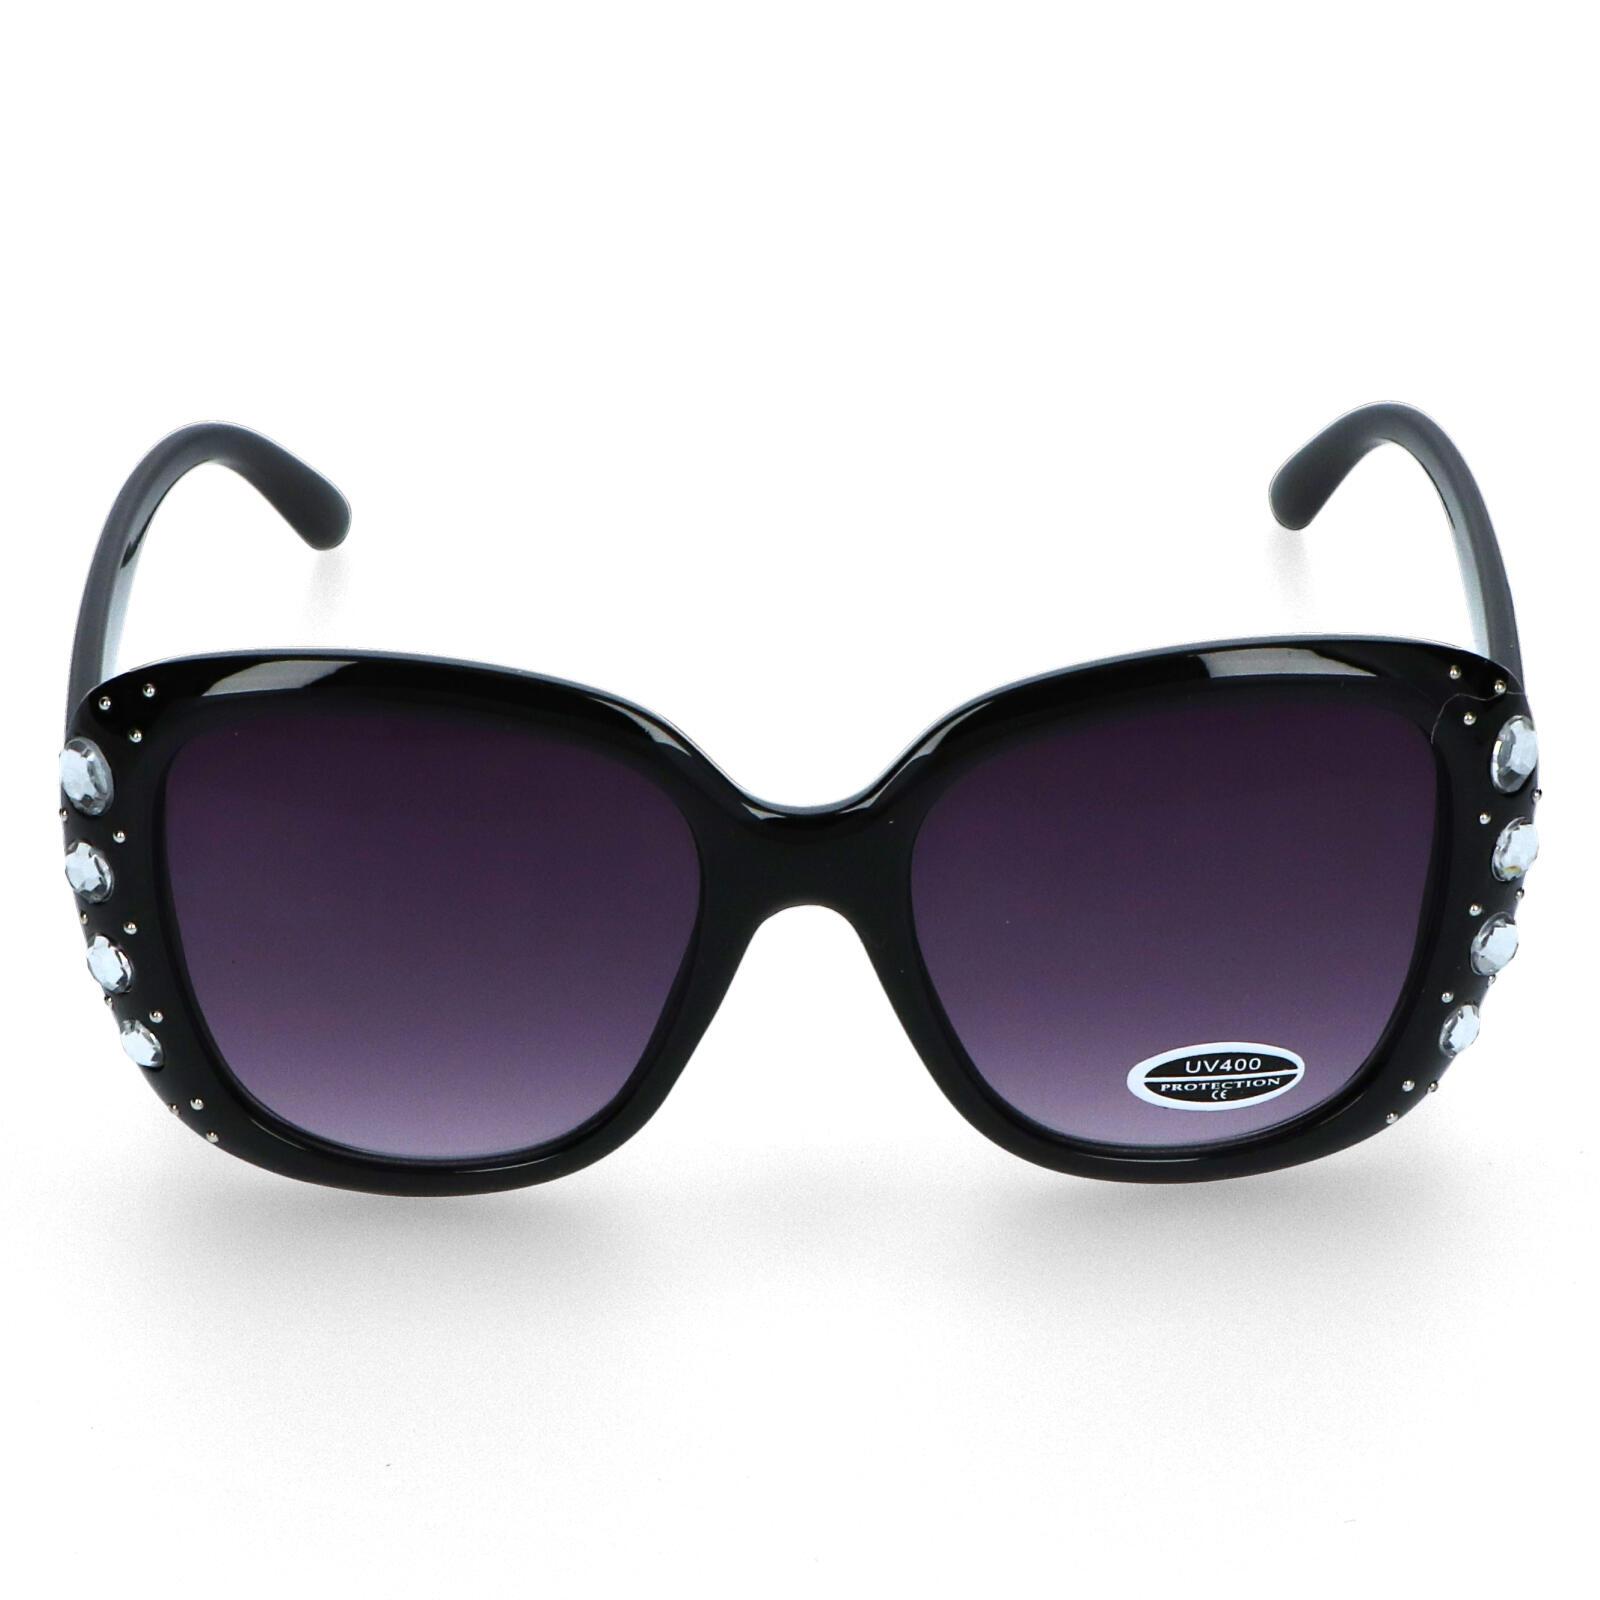 Dámské sluneční brýle černé - S7304